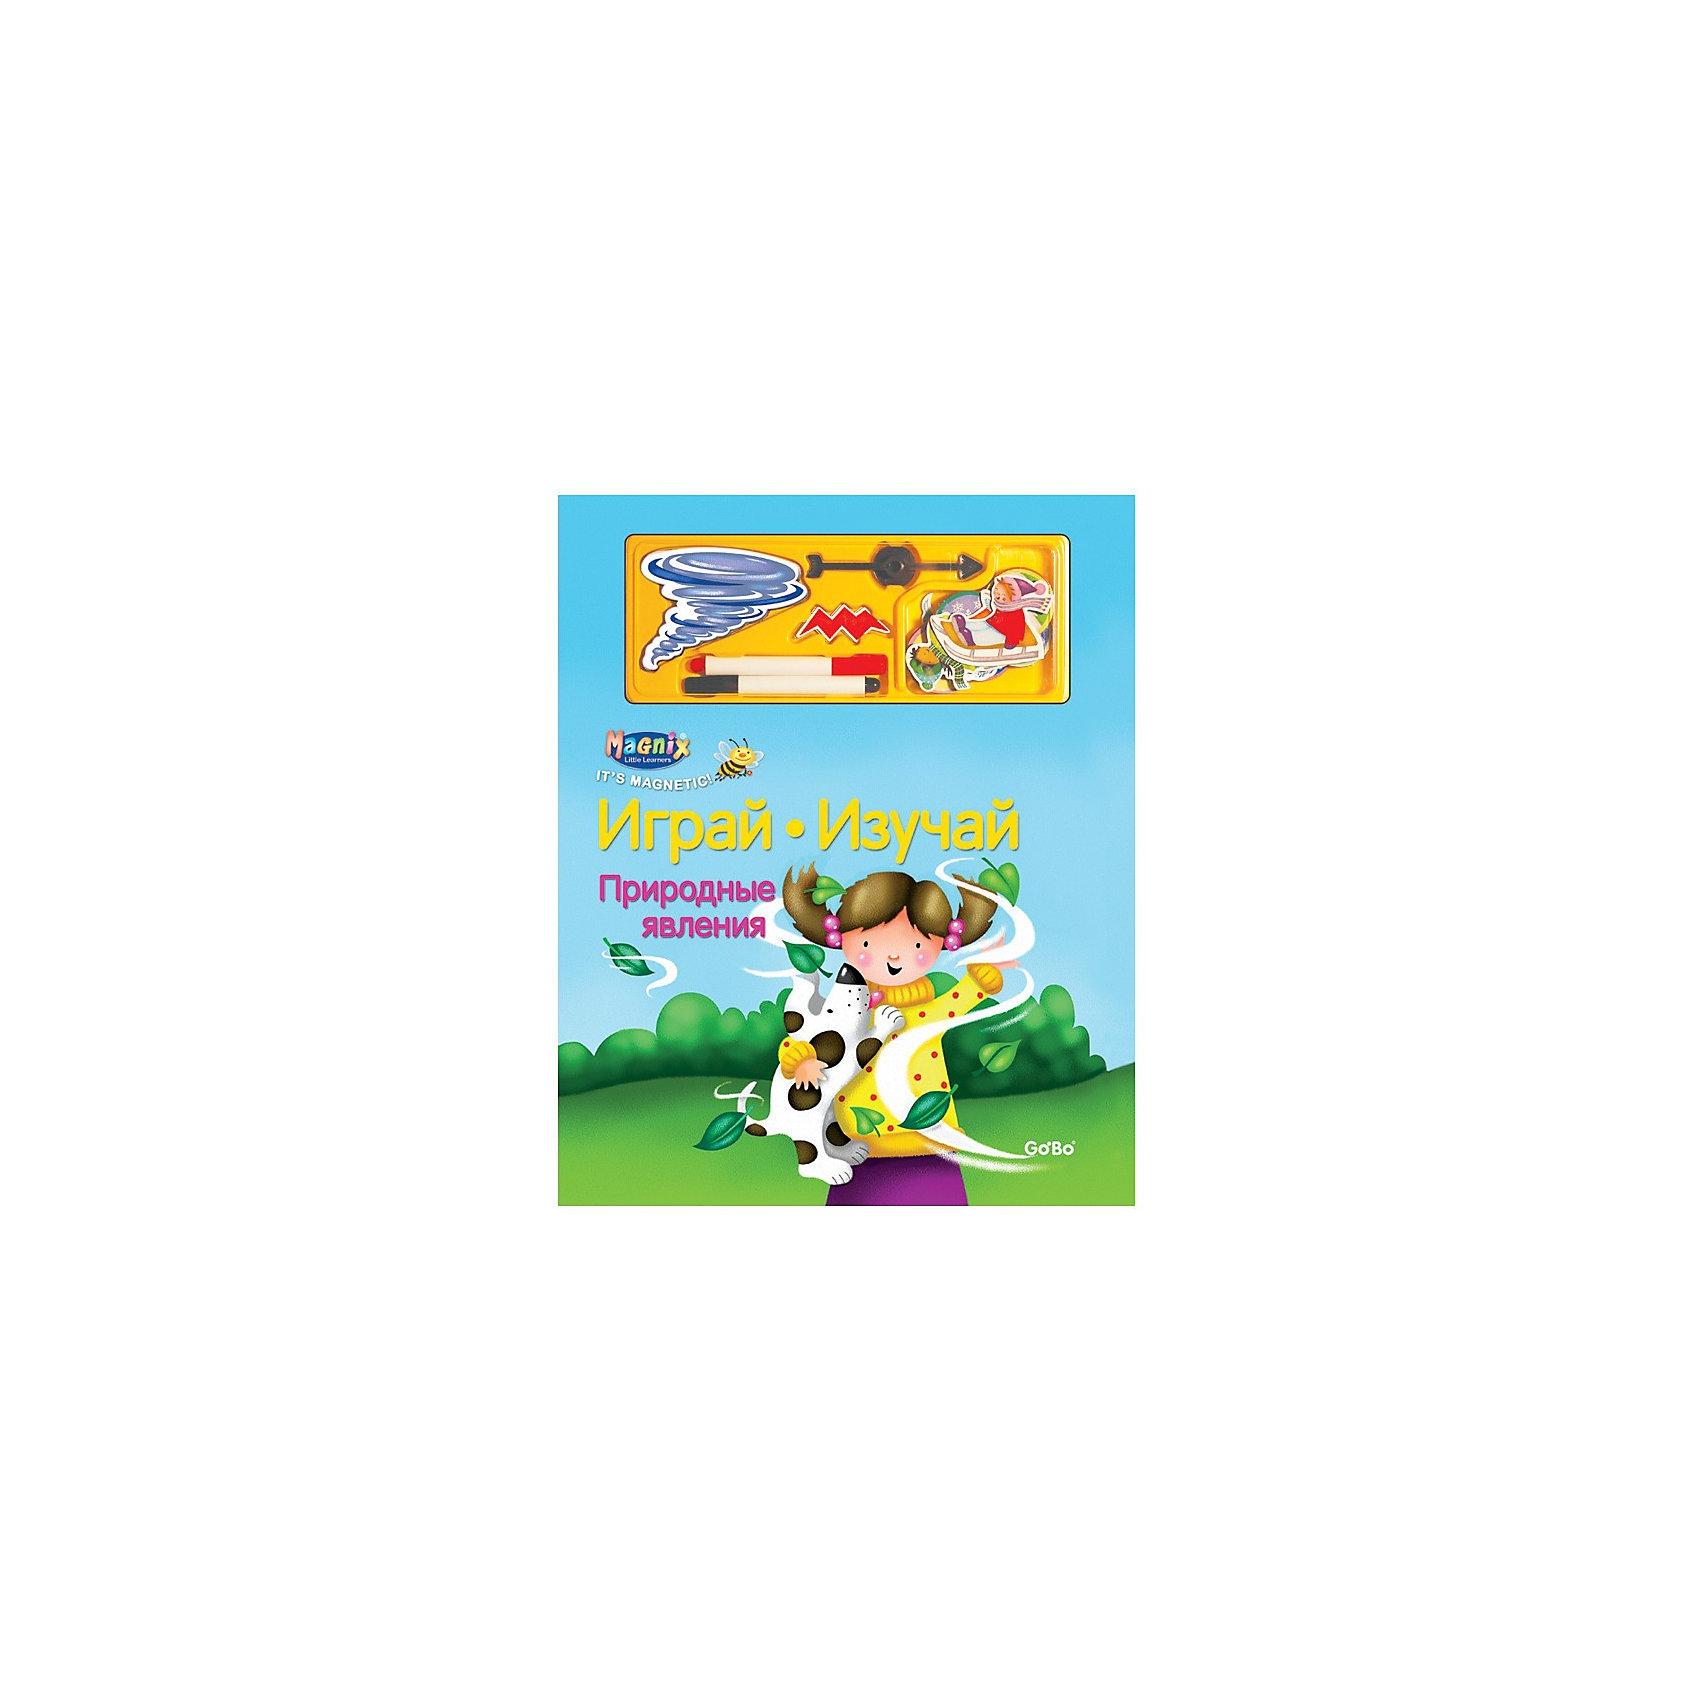 Книга с заданиями Природные явления, Играй-изучай!Книги для развития мышления<br>Книга с 13 магнитными и гладкими страницами с заданиями и играми (для письма и приклеивания карточек). Дополнительная информация: в комплект входит: книга с магнитными страницами, 20 магнитных карточек, 2 фломастера, ластик, указательная стрелка  для заданий. Размеры ((д/ш/в): 220 х 15 х 270 мм<br><br>Ширина мм: 220<br>Глубина мм: 15<br>Высота мм: 270<br>Вес г: 500<br>Возраст от месяцев: 36<br>Возраст до месяцев: 72<br>Пол: Унисекс<br>Возраст: Детский<br>SKU: 2358189